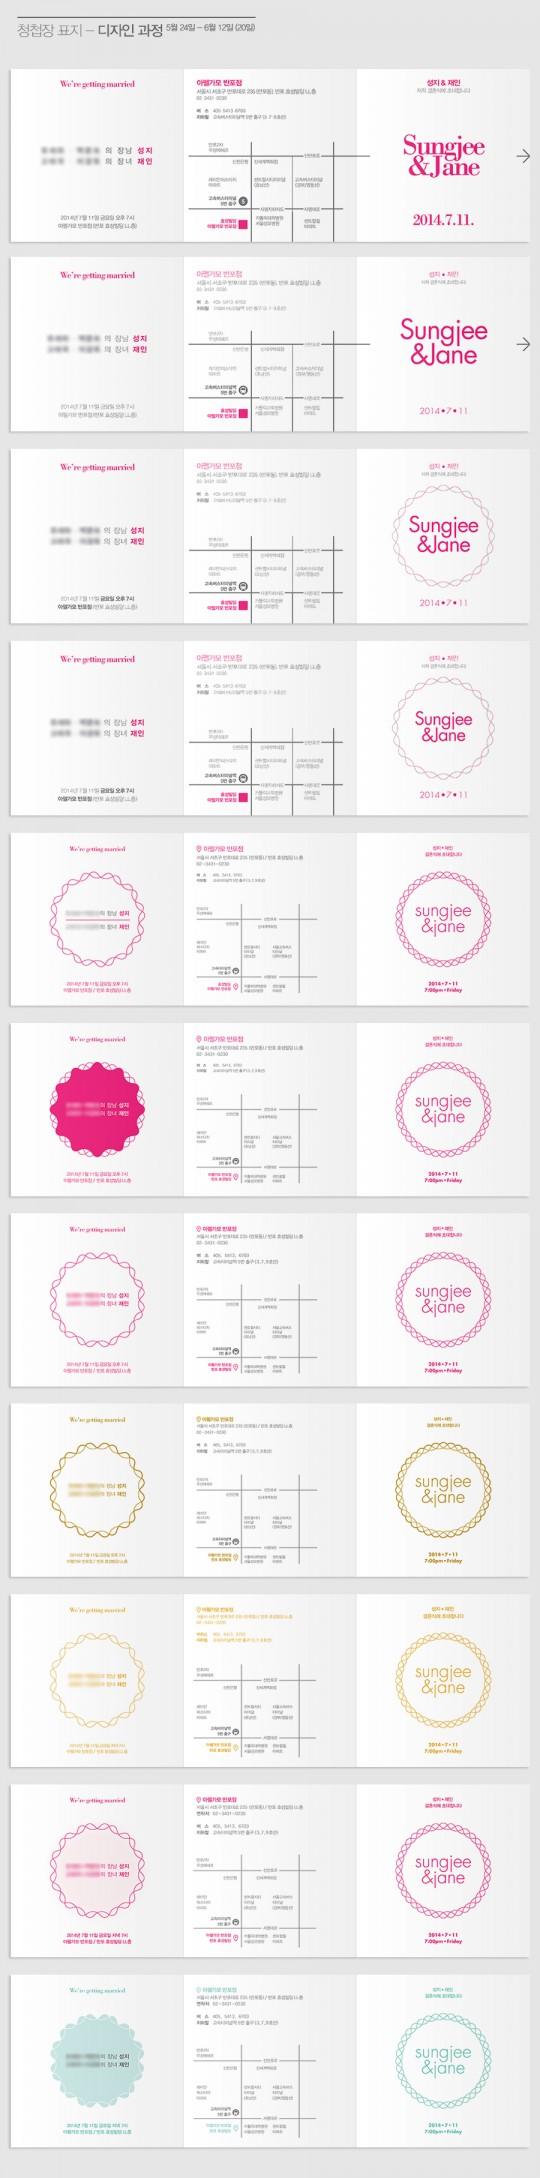 WeddingCard_Trials_000_o